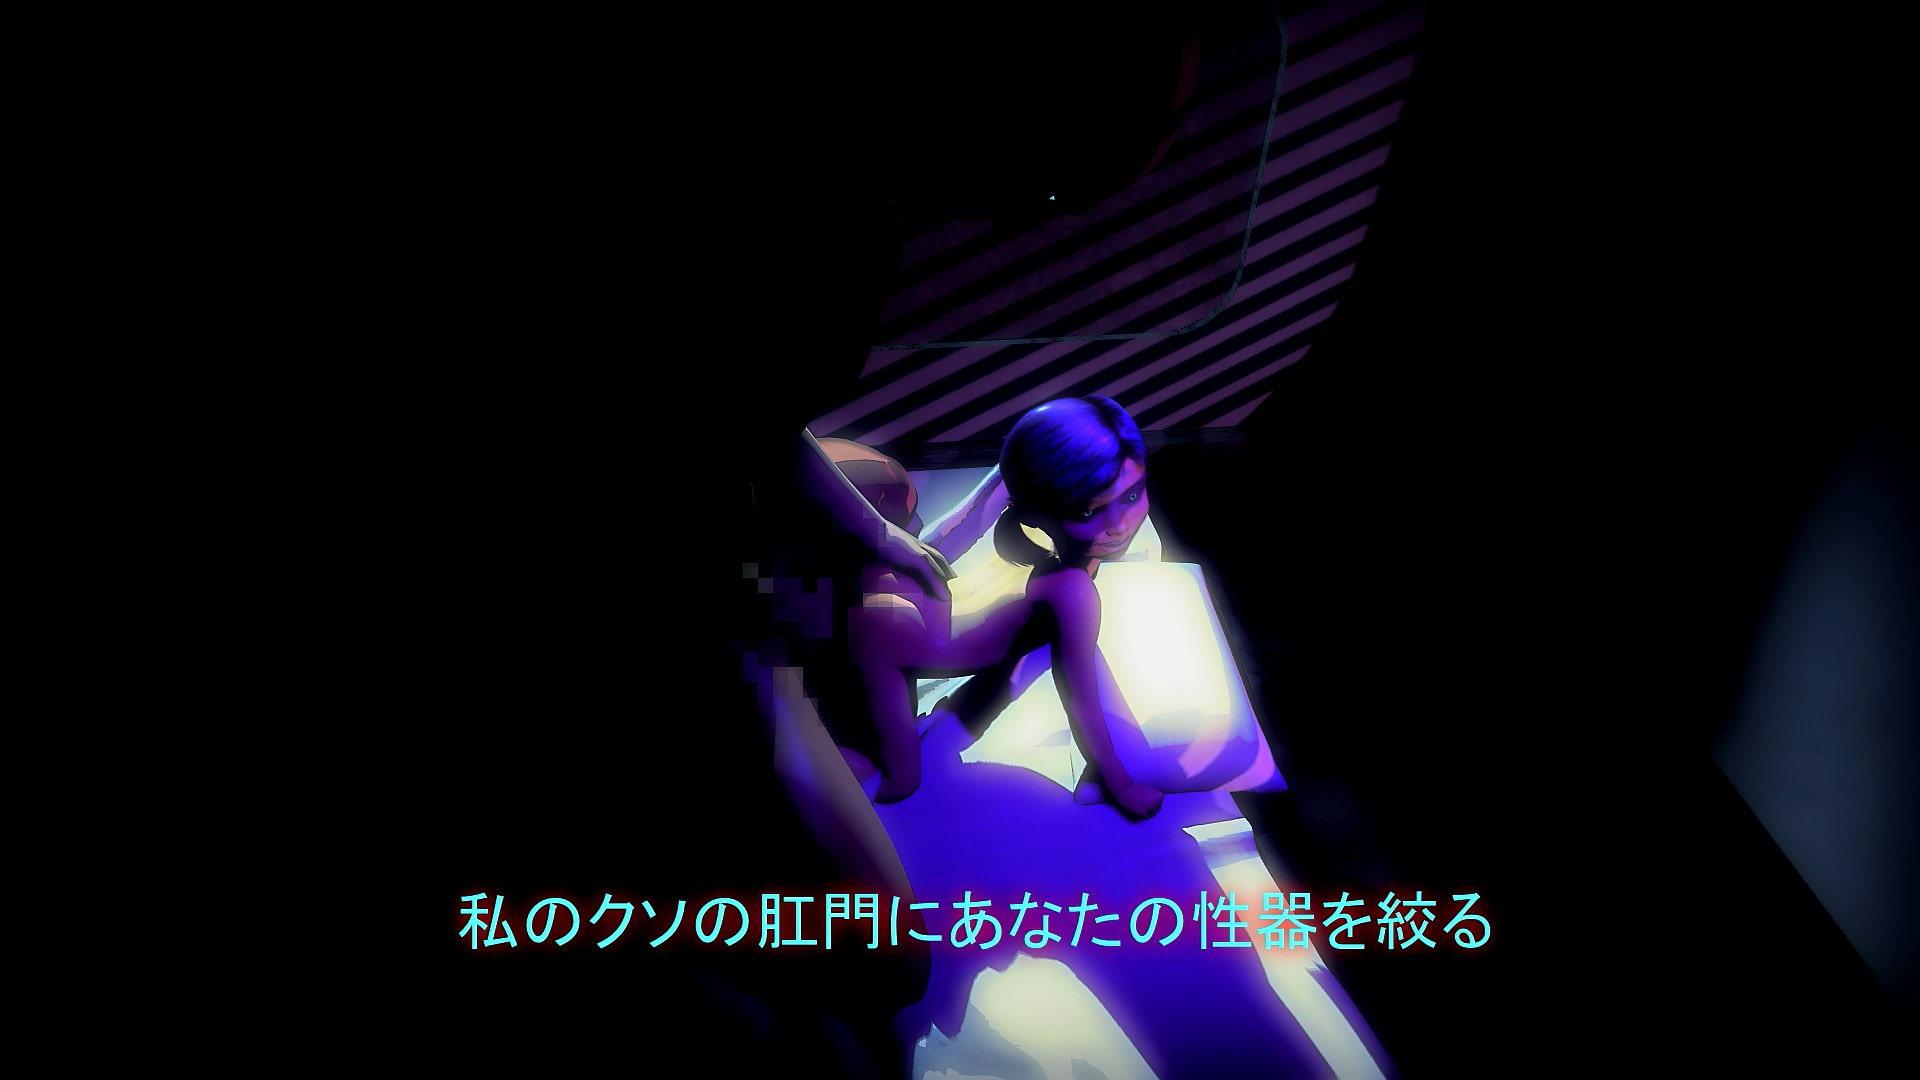 人工少女 Part 1